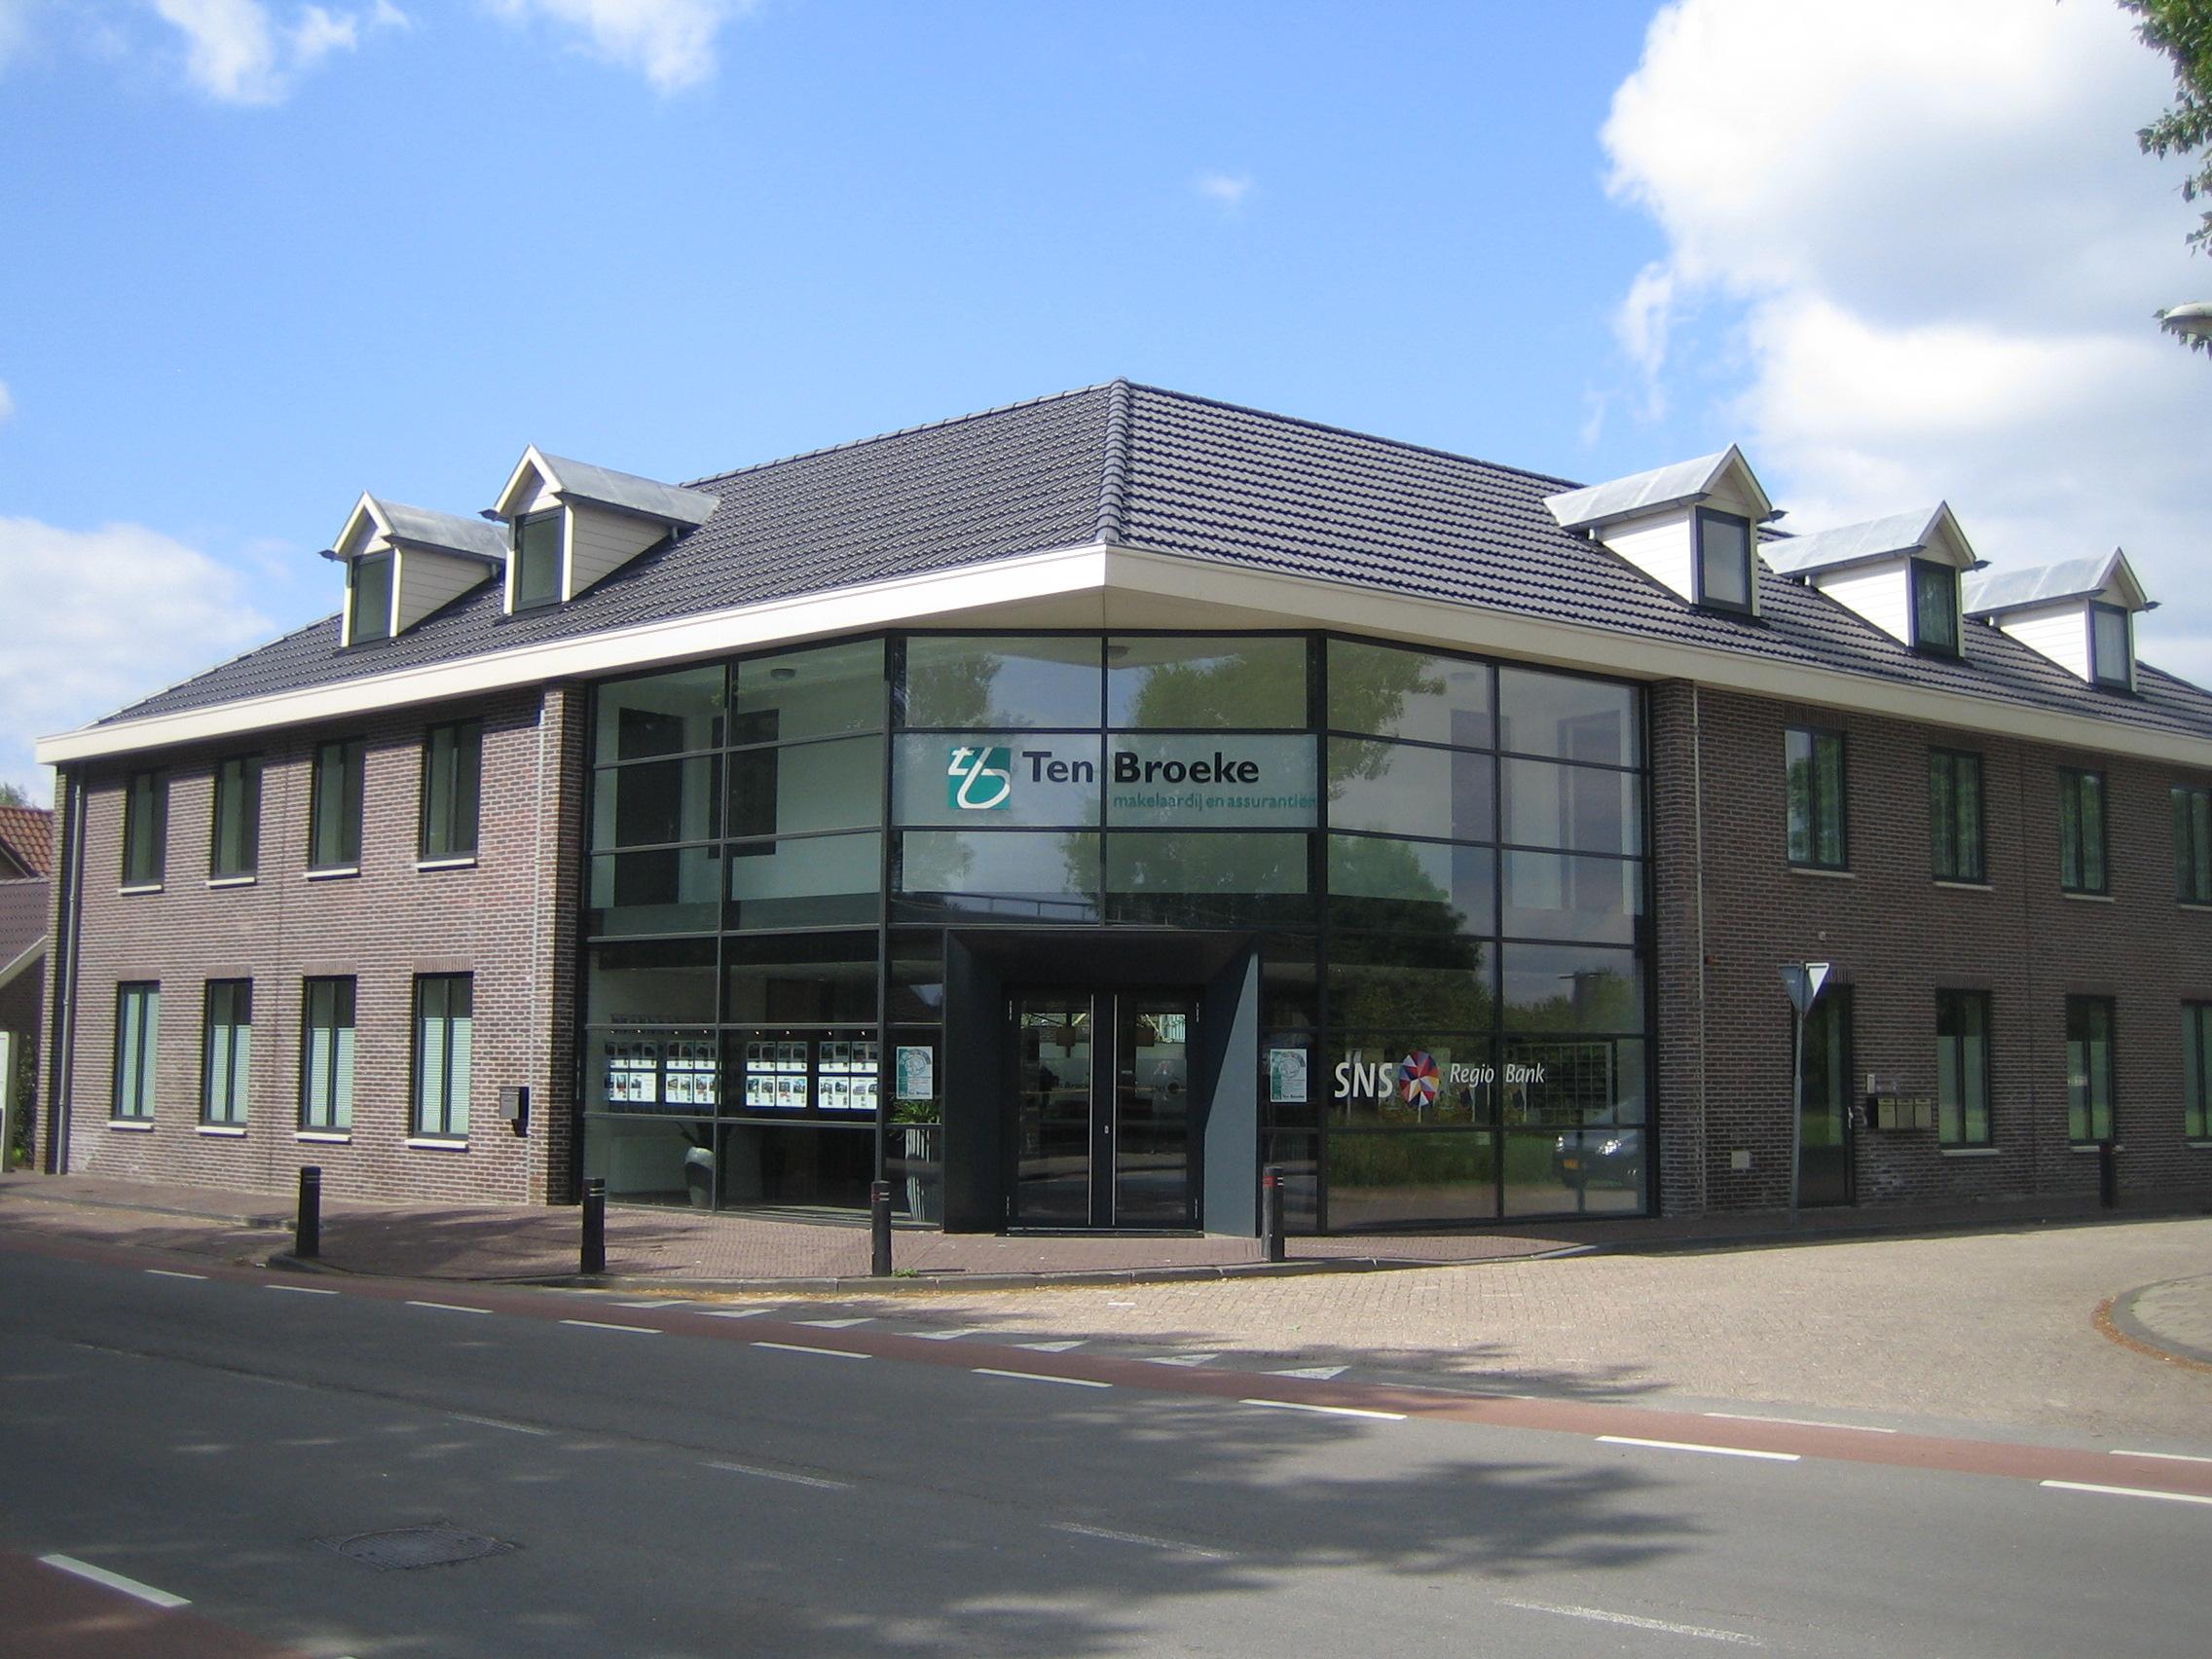 Kantoor Vestiging Ten Broeke makelaardij en verzekeringen